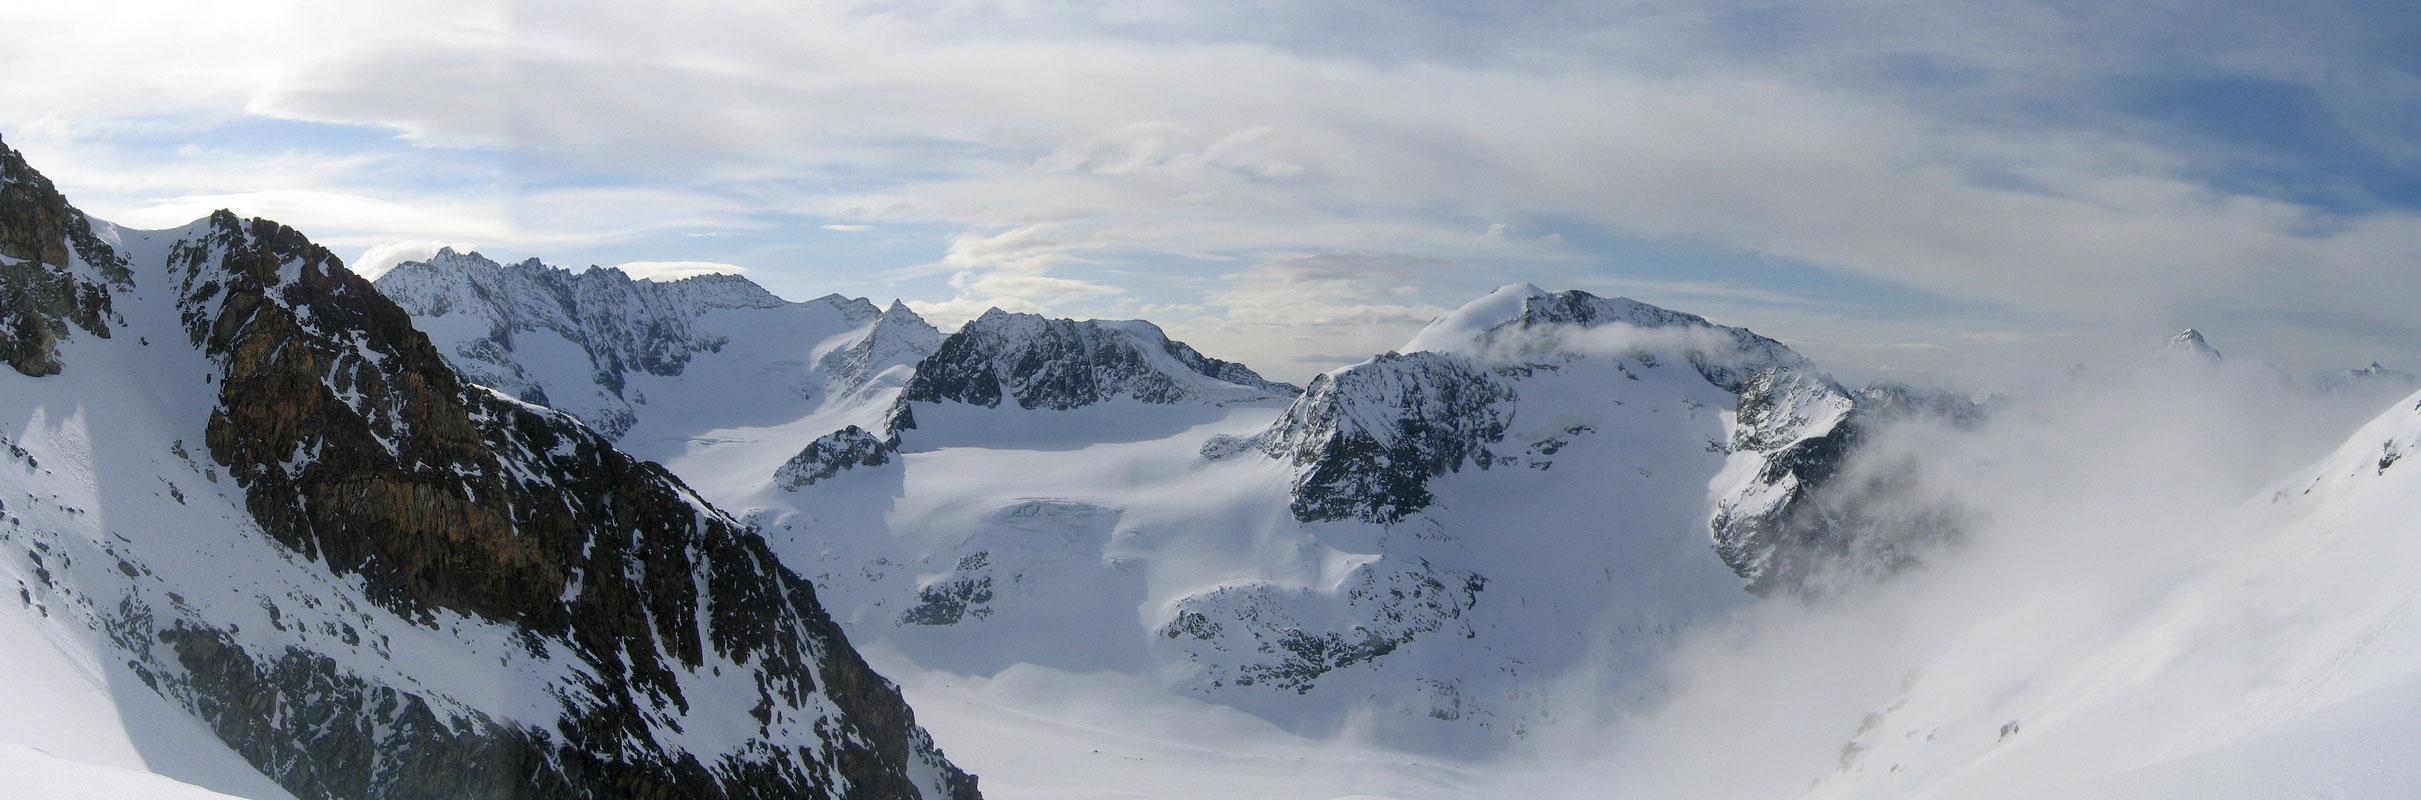 Pigne Arolla, Day 5 H.R. Chamonix-Zermatt Walliser Alpen / Alpes valaisannes Schweiz panorama 50